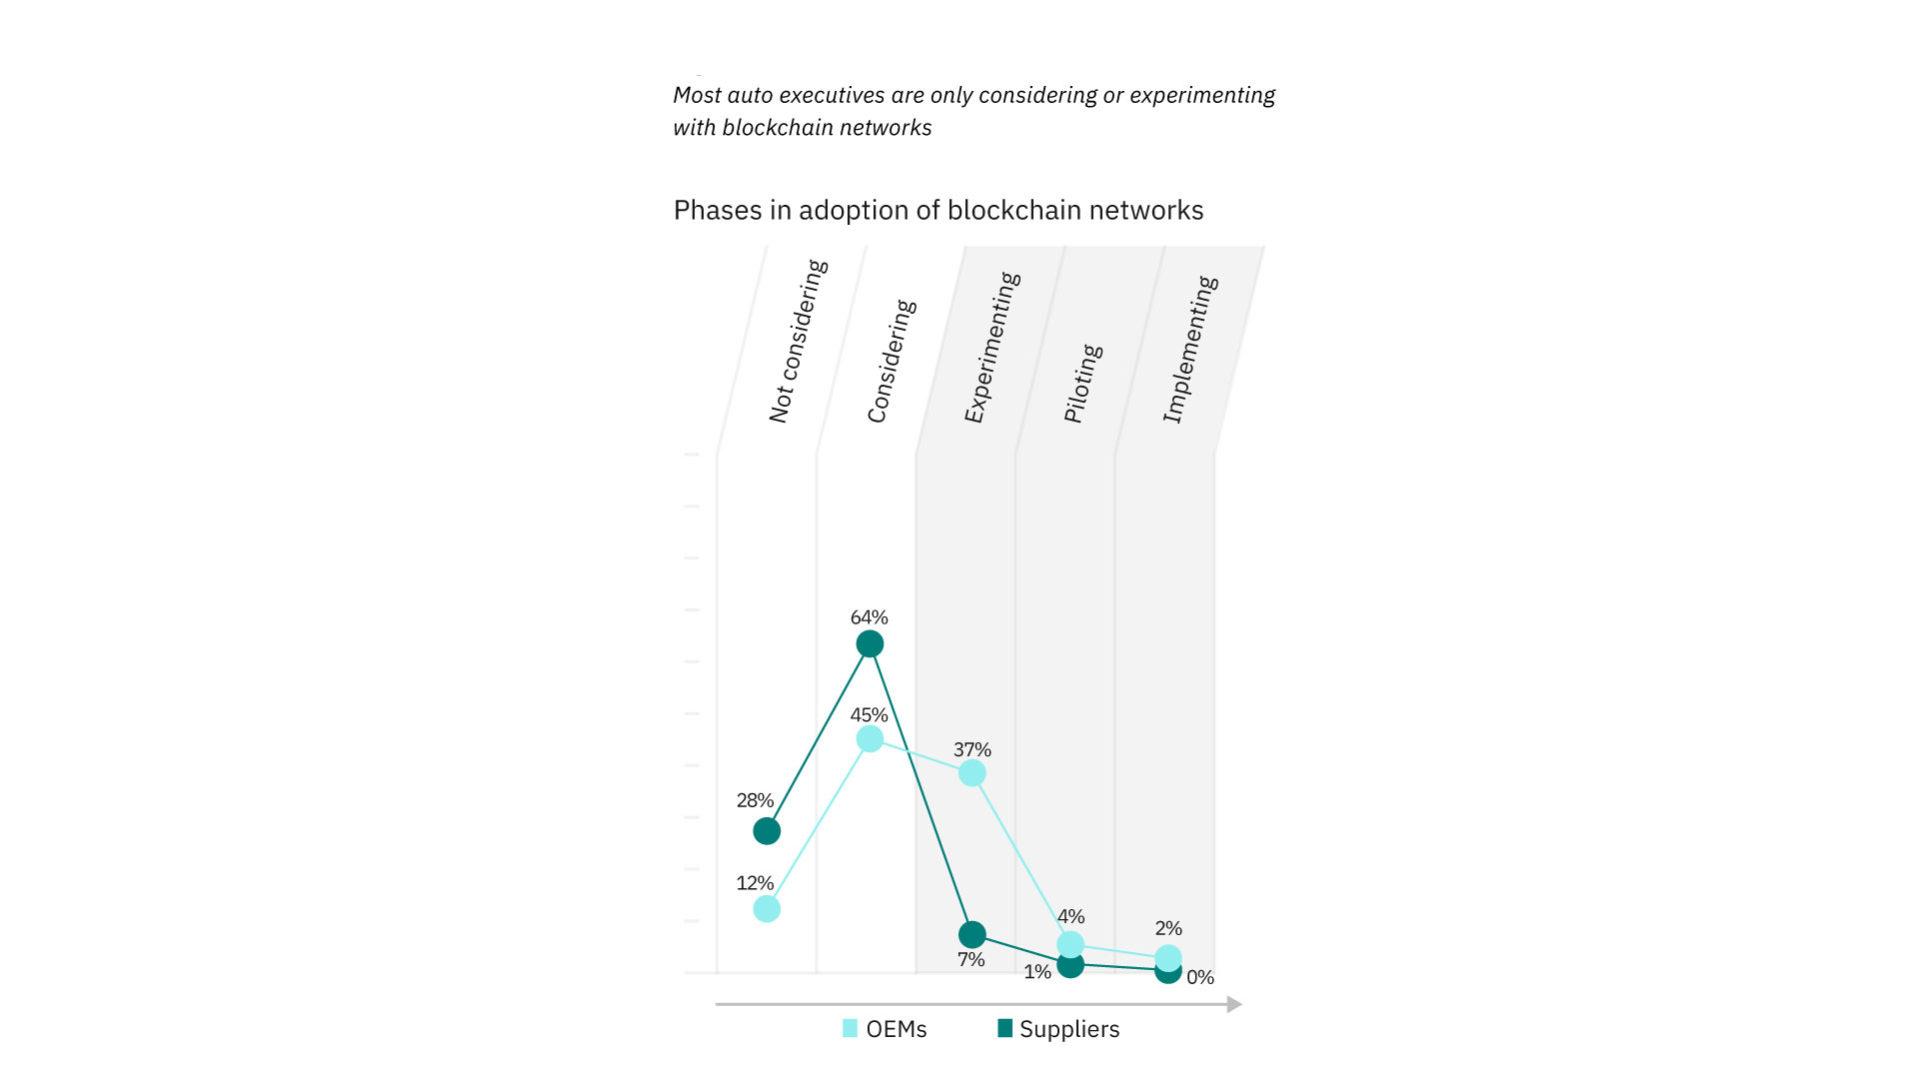 Il grafico mostra i diversi percorsi di adozione della tecnologia blockchain tra i produttori, che si avviano alle fasi di sperimentazione e progetti pilota, e i fornitori, quasi tutti fermi alla valutazione